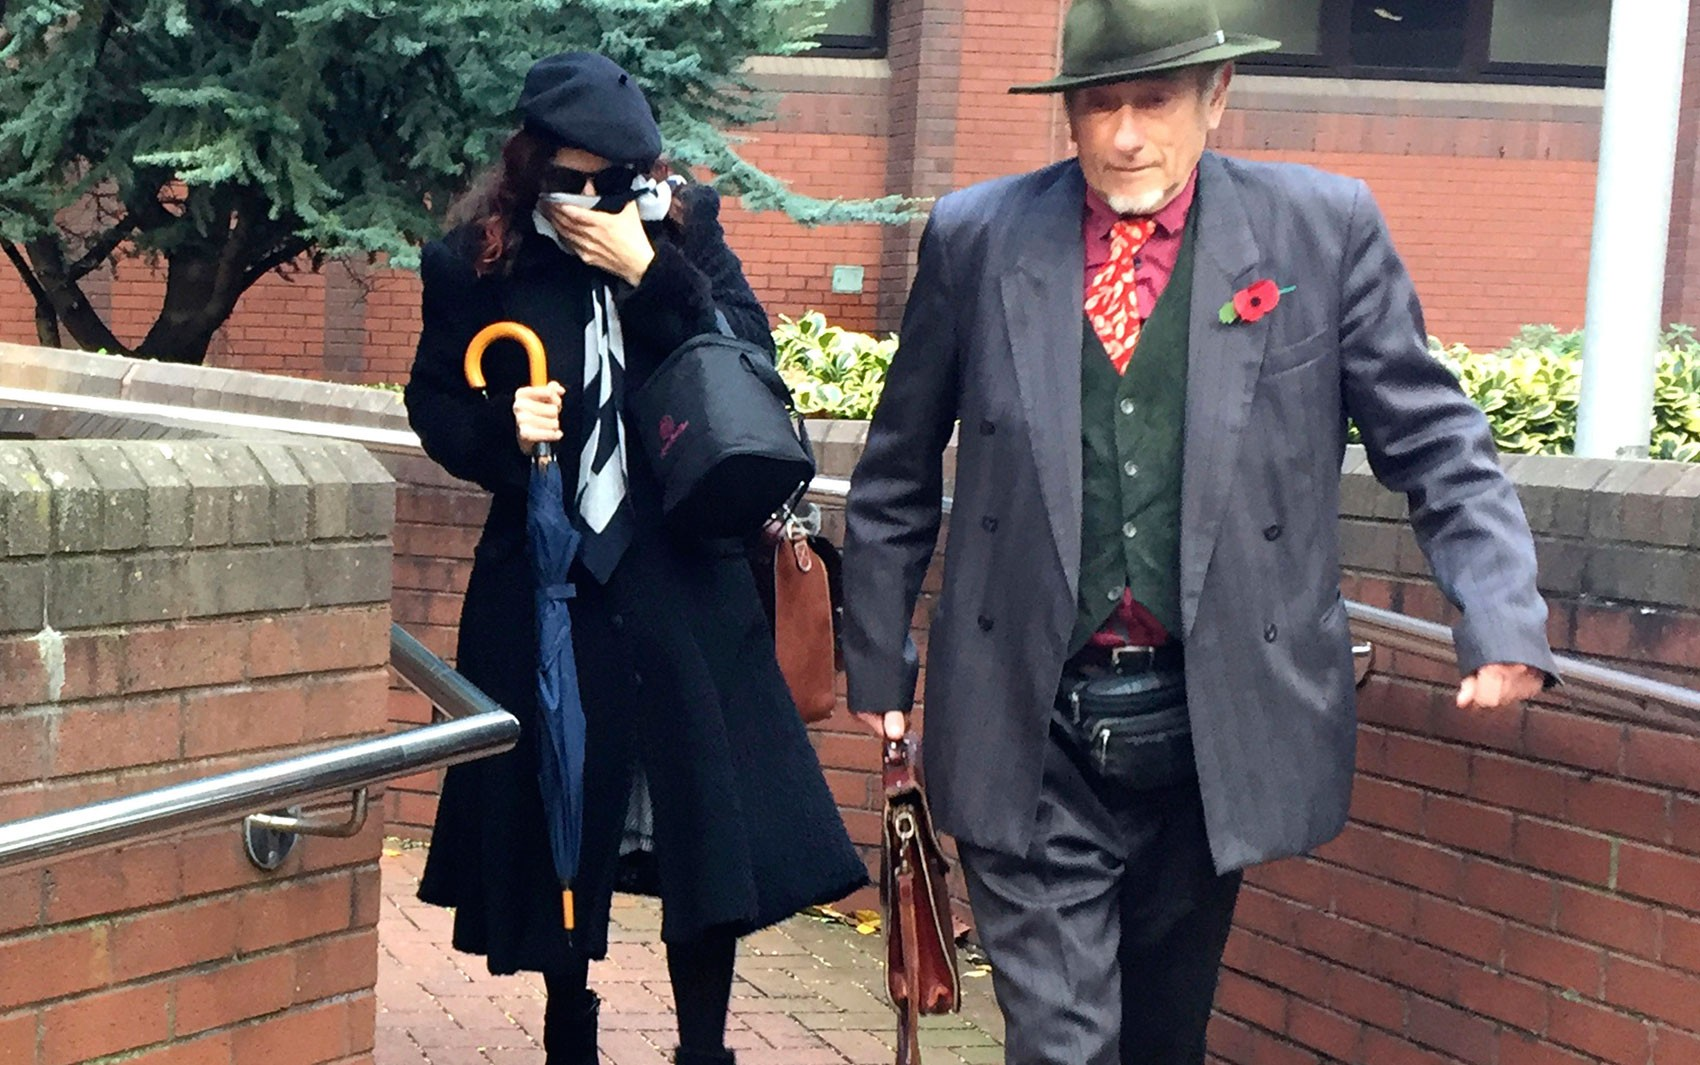 Casal de extrema-direita que deu nome a filho em homenagem a Hitler é condenado no Reino Unido